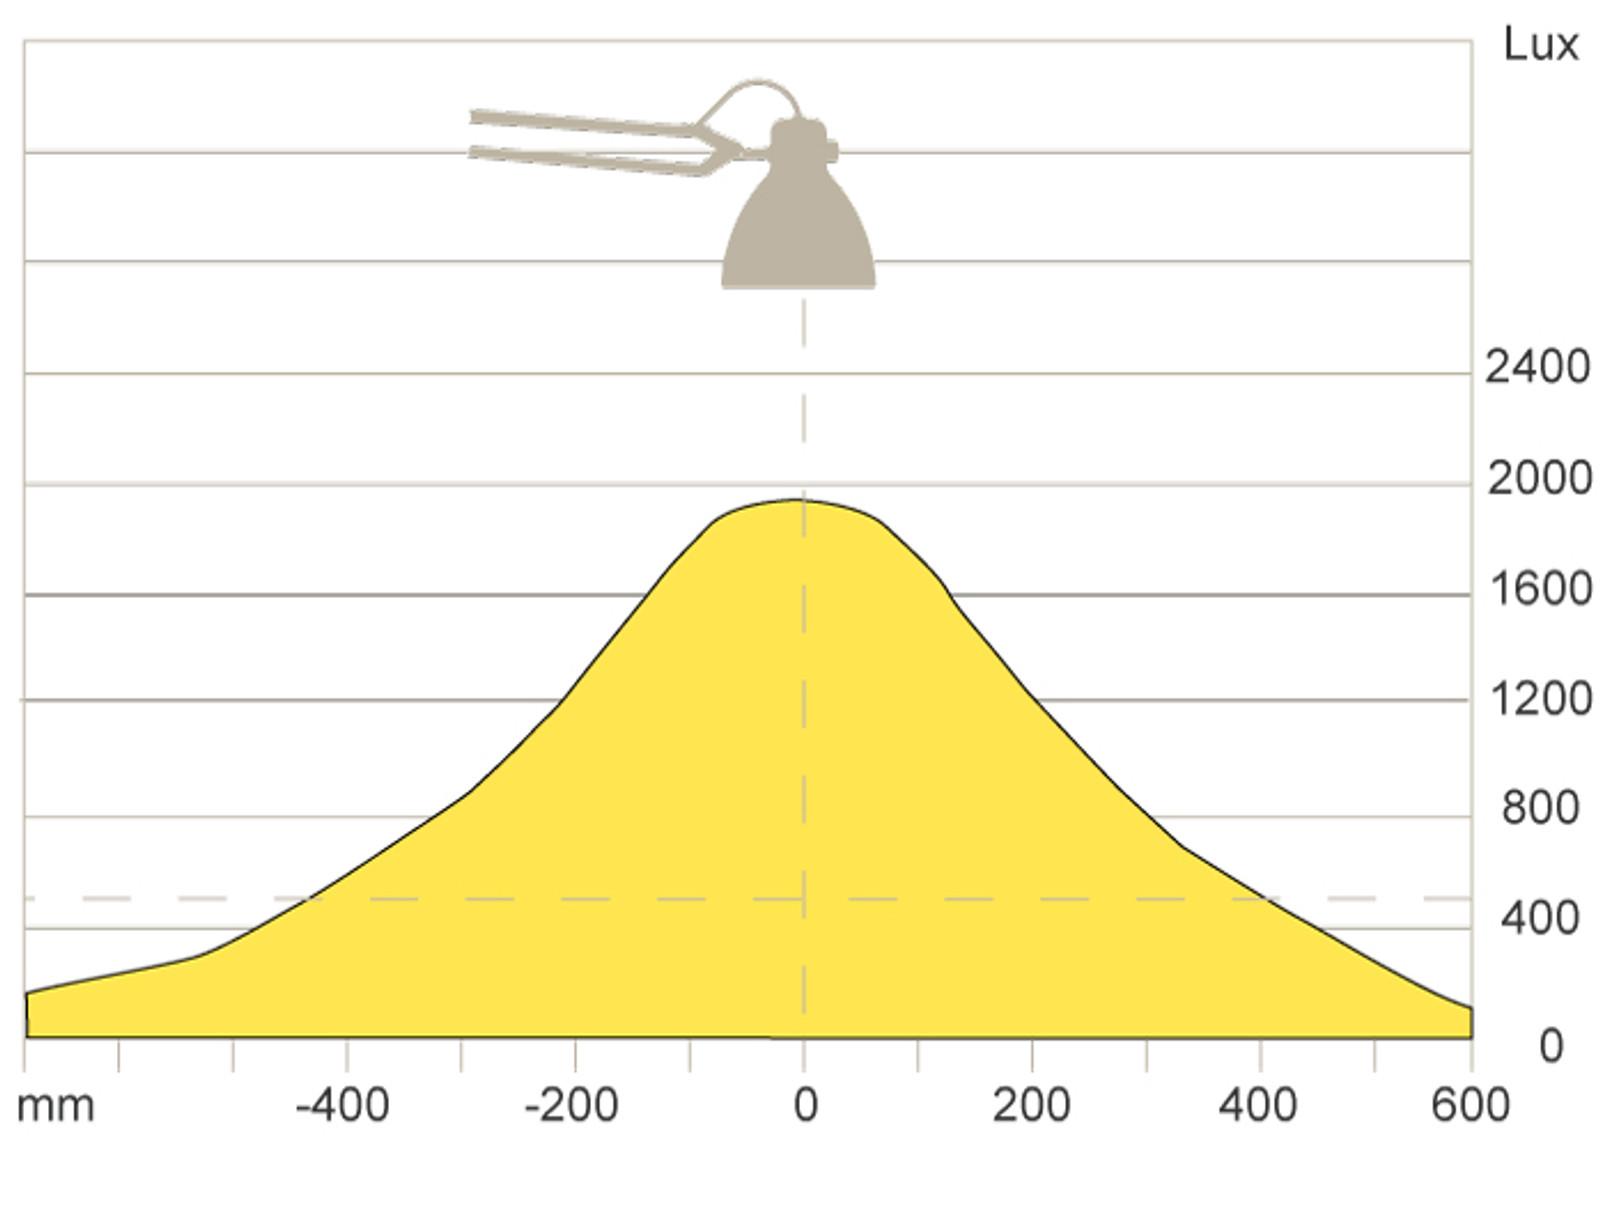 Luxo L1 - LED task light curve